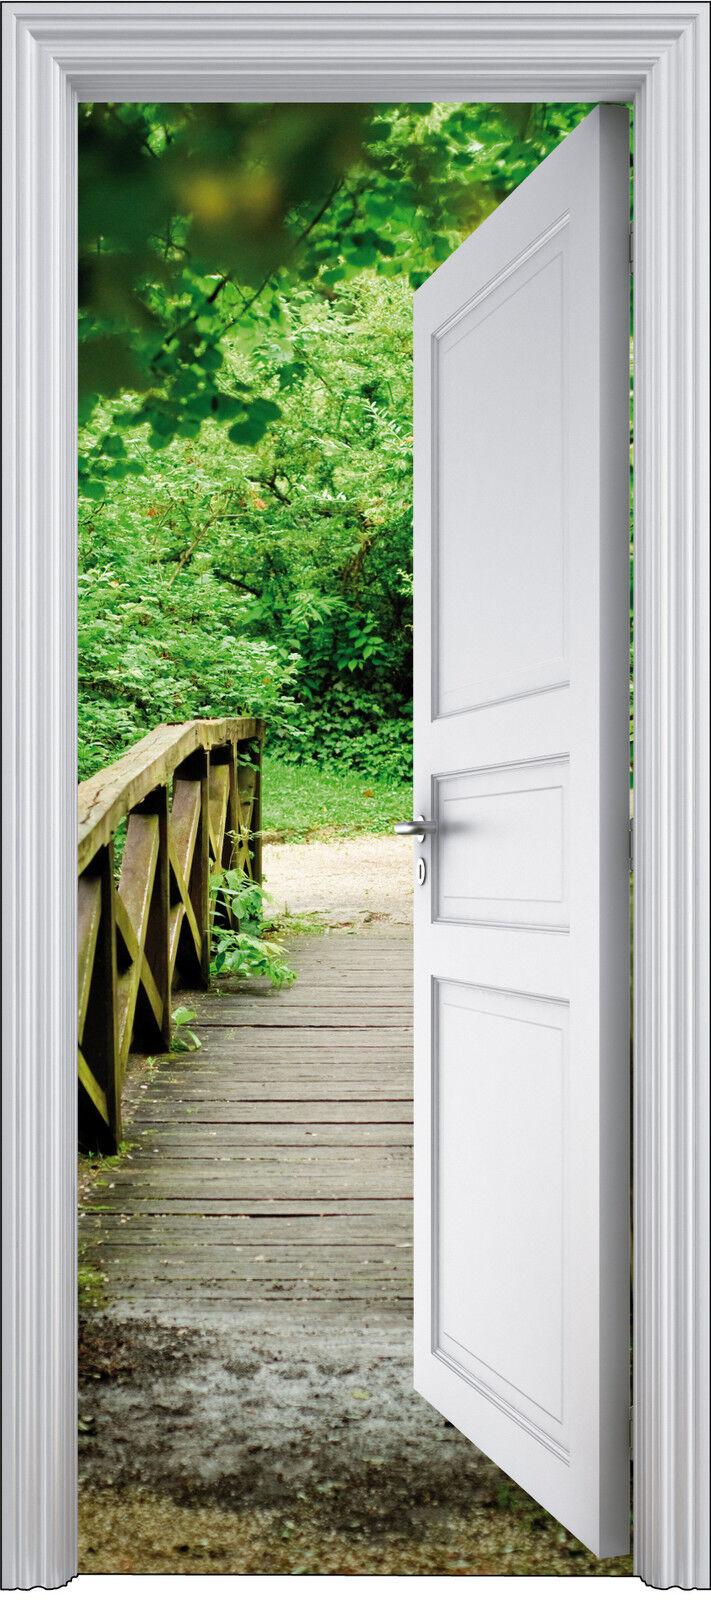 Aufkleber Tür Schein Auge Weg 90x200 cm Ref 305